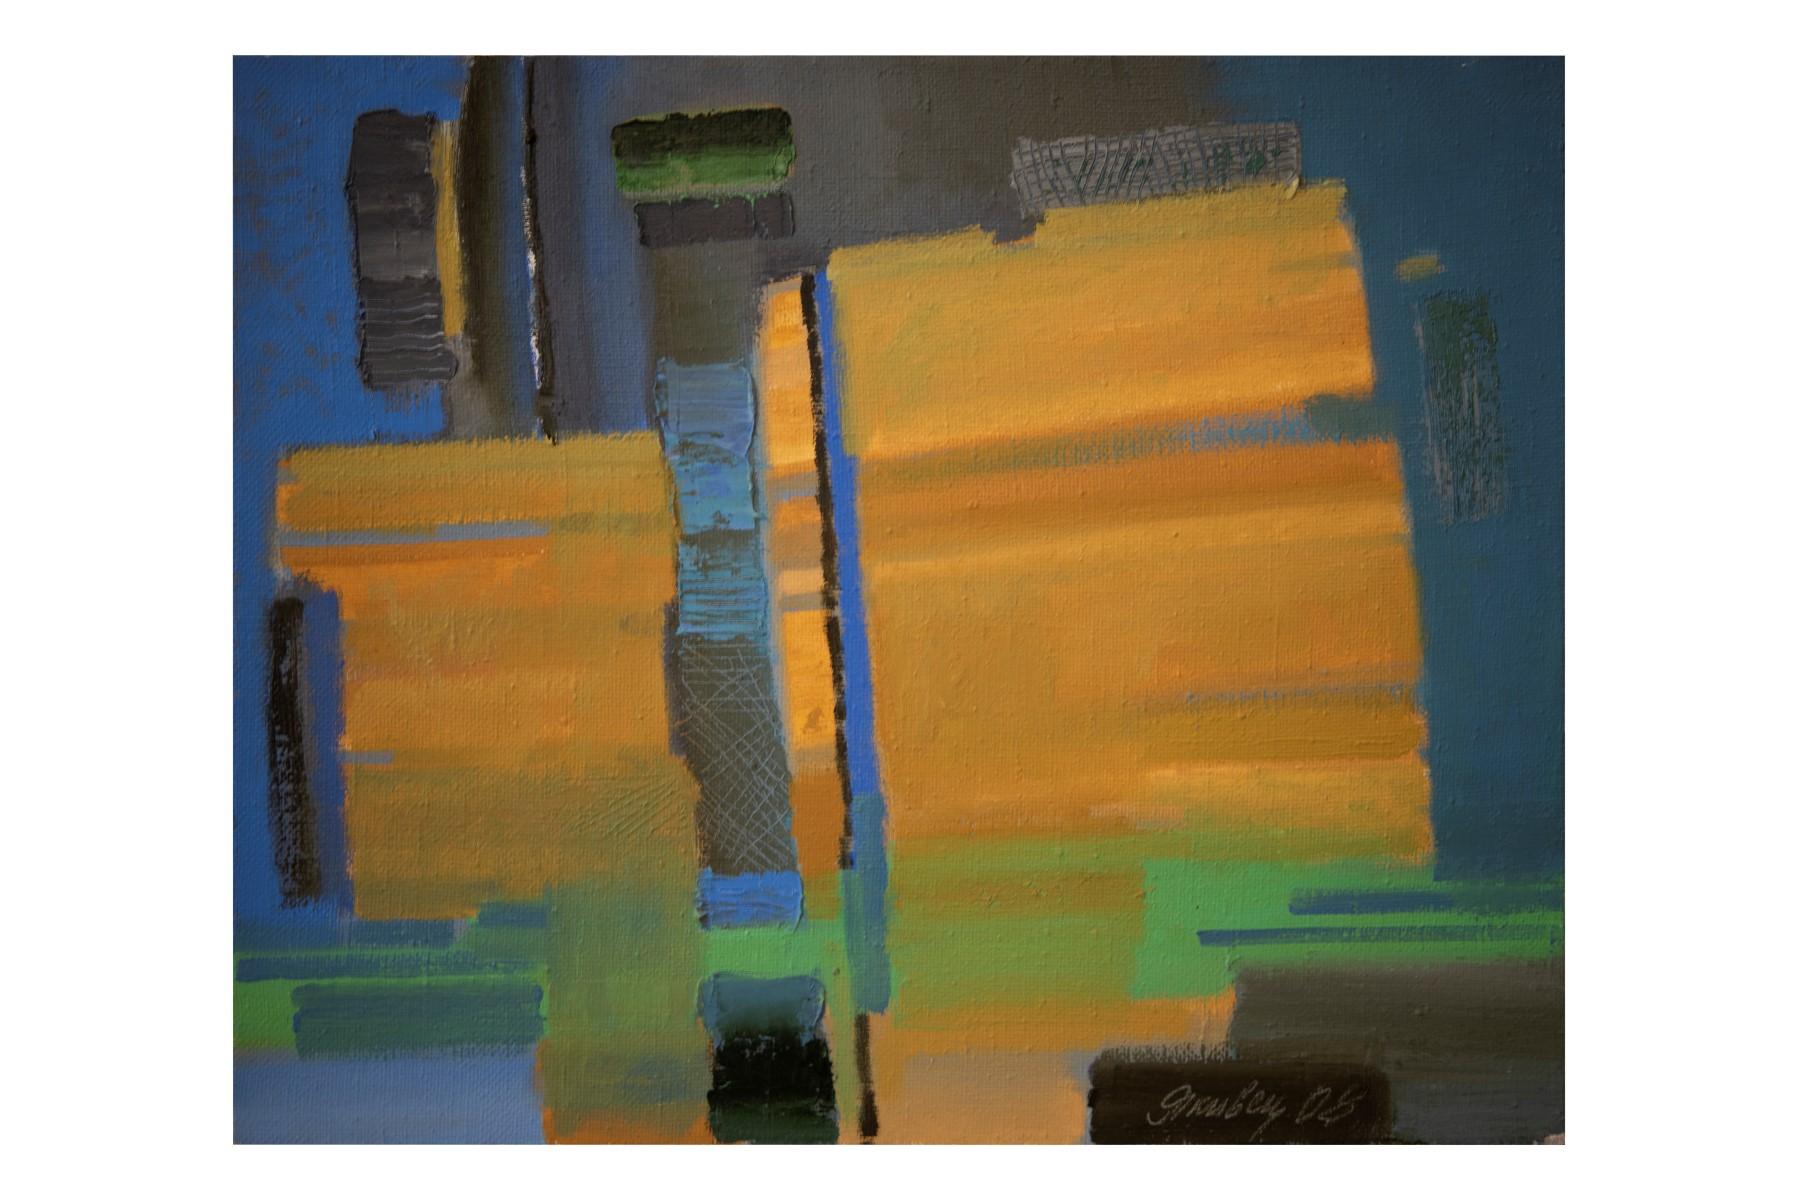 #153 Valery Yakivets, Fish Lake, 2008 | Valery Yakivets, Fish Lake, 2008 Image